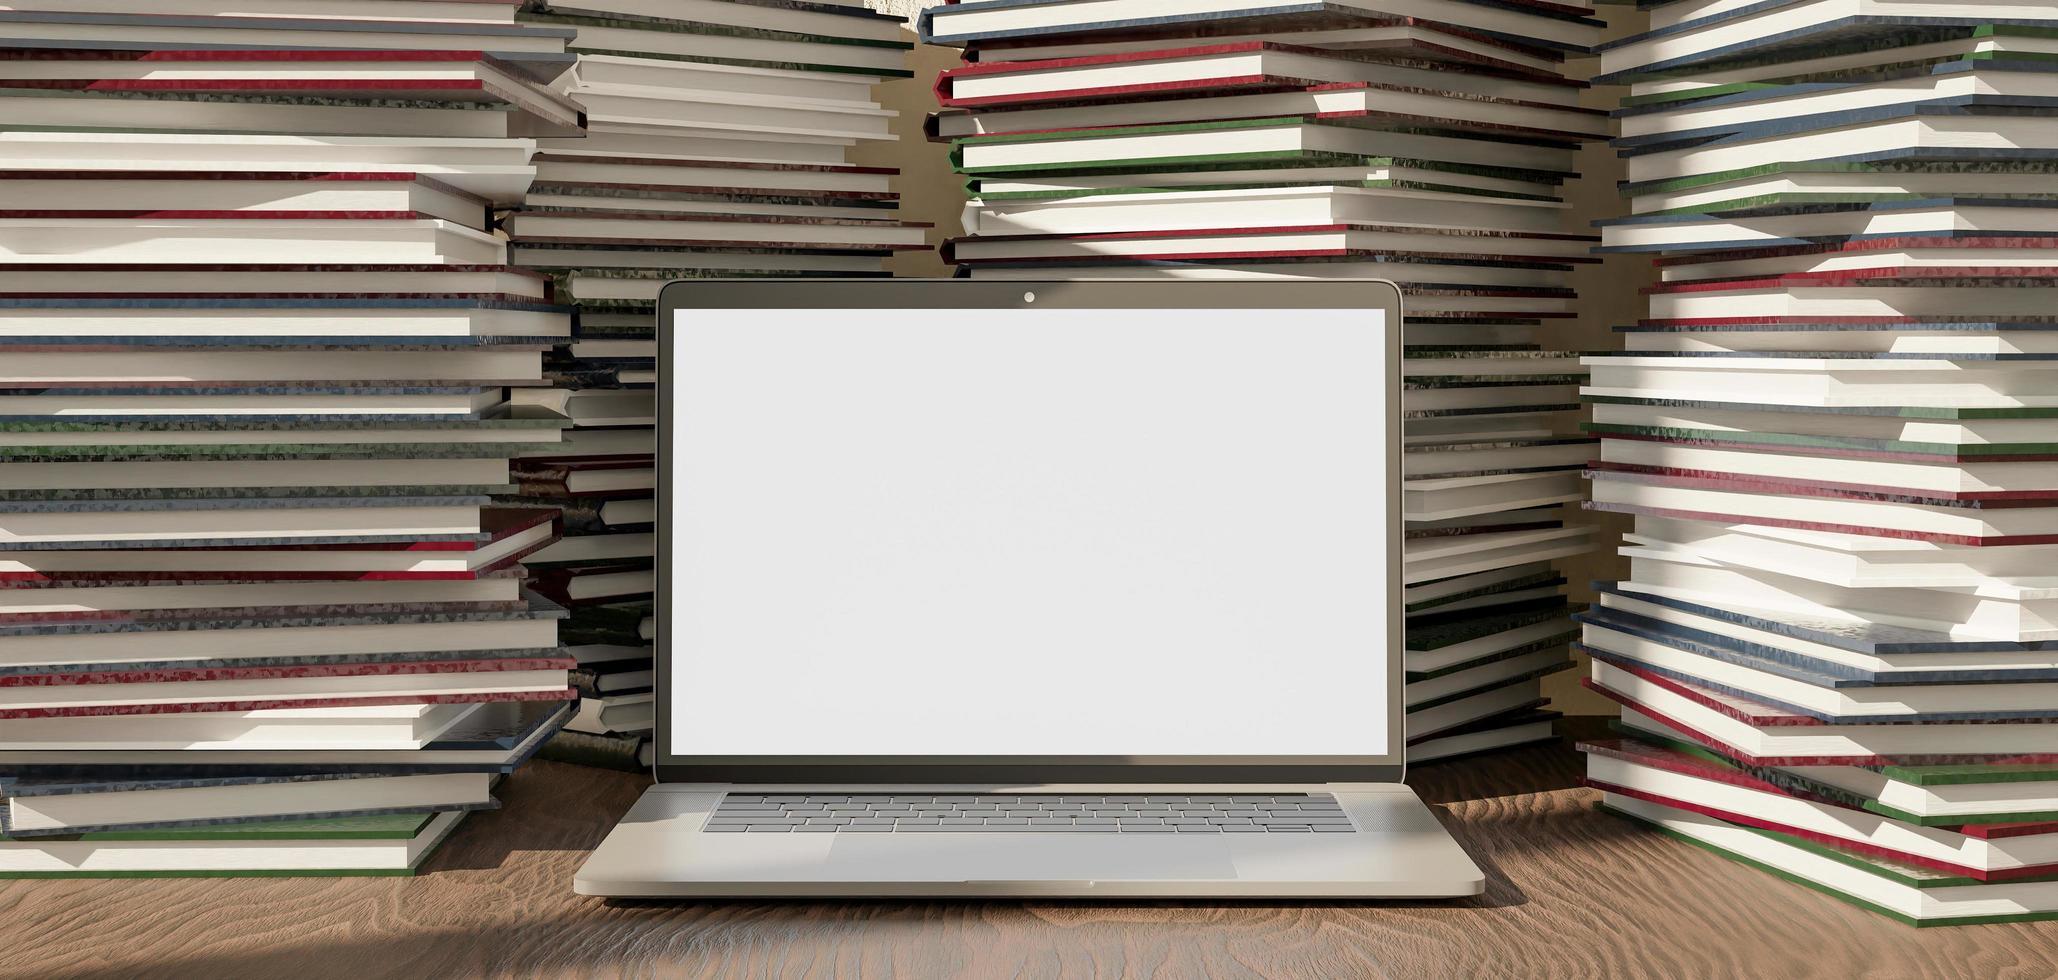 maqueta de computadora portátil llena de montones de libros alrededor foto